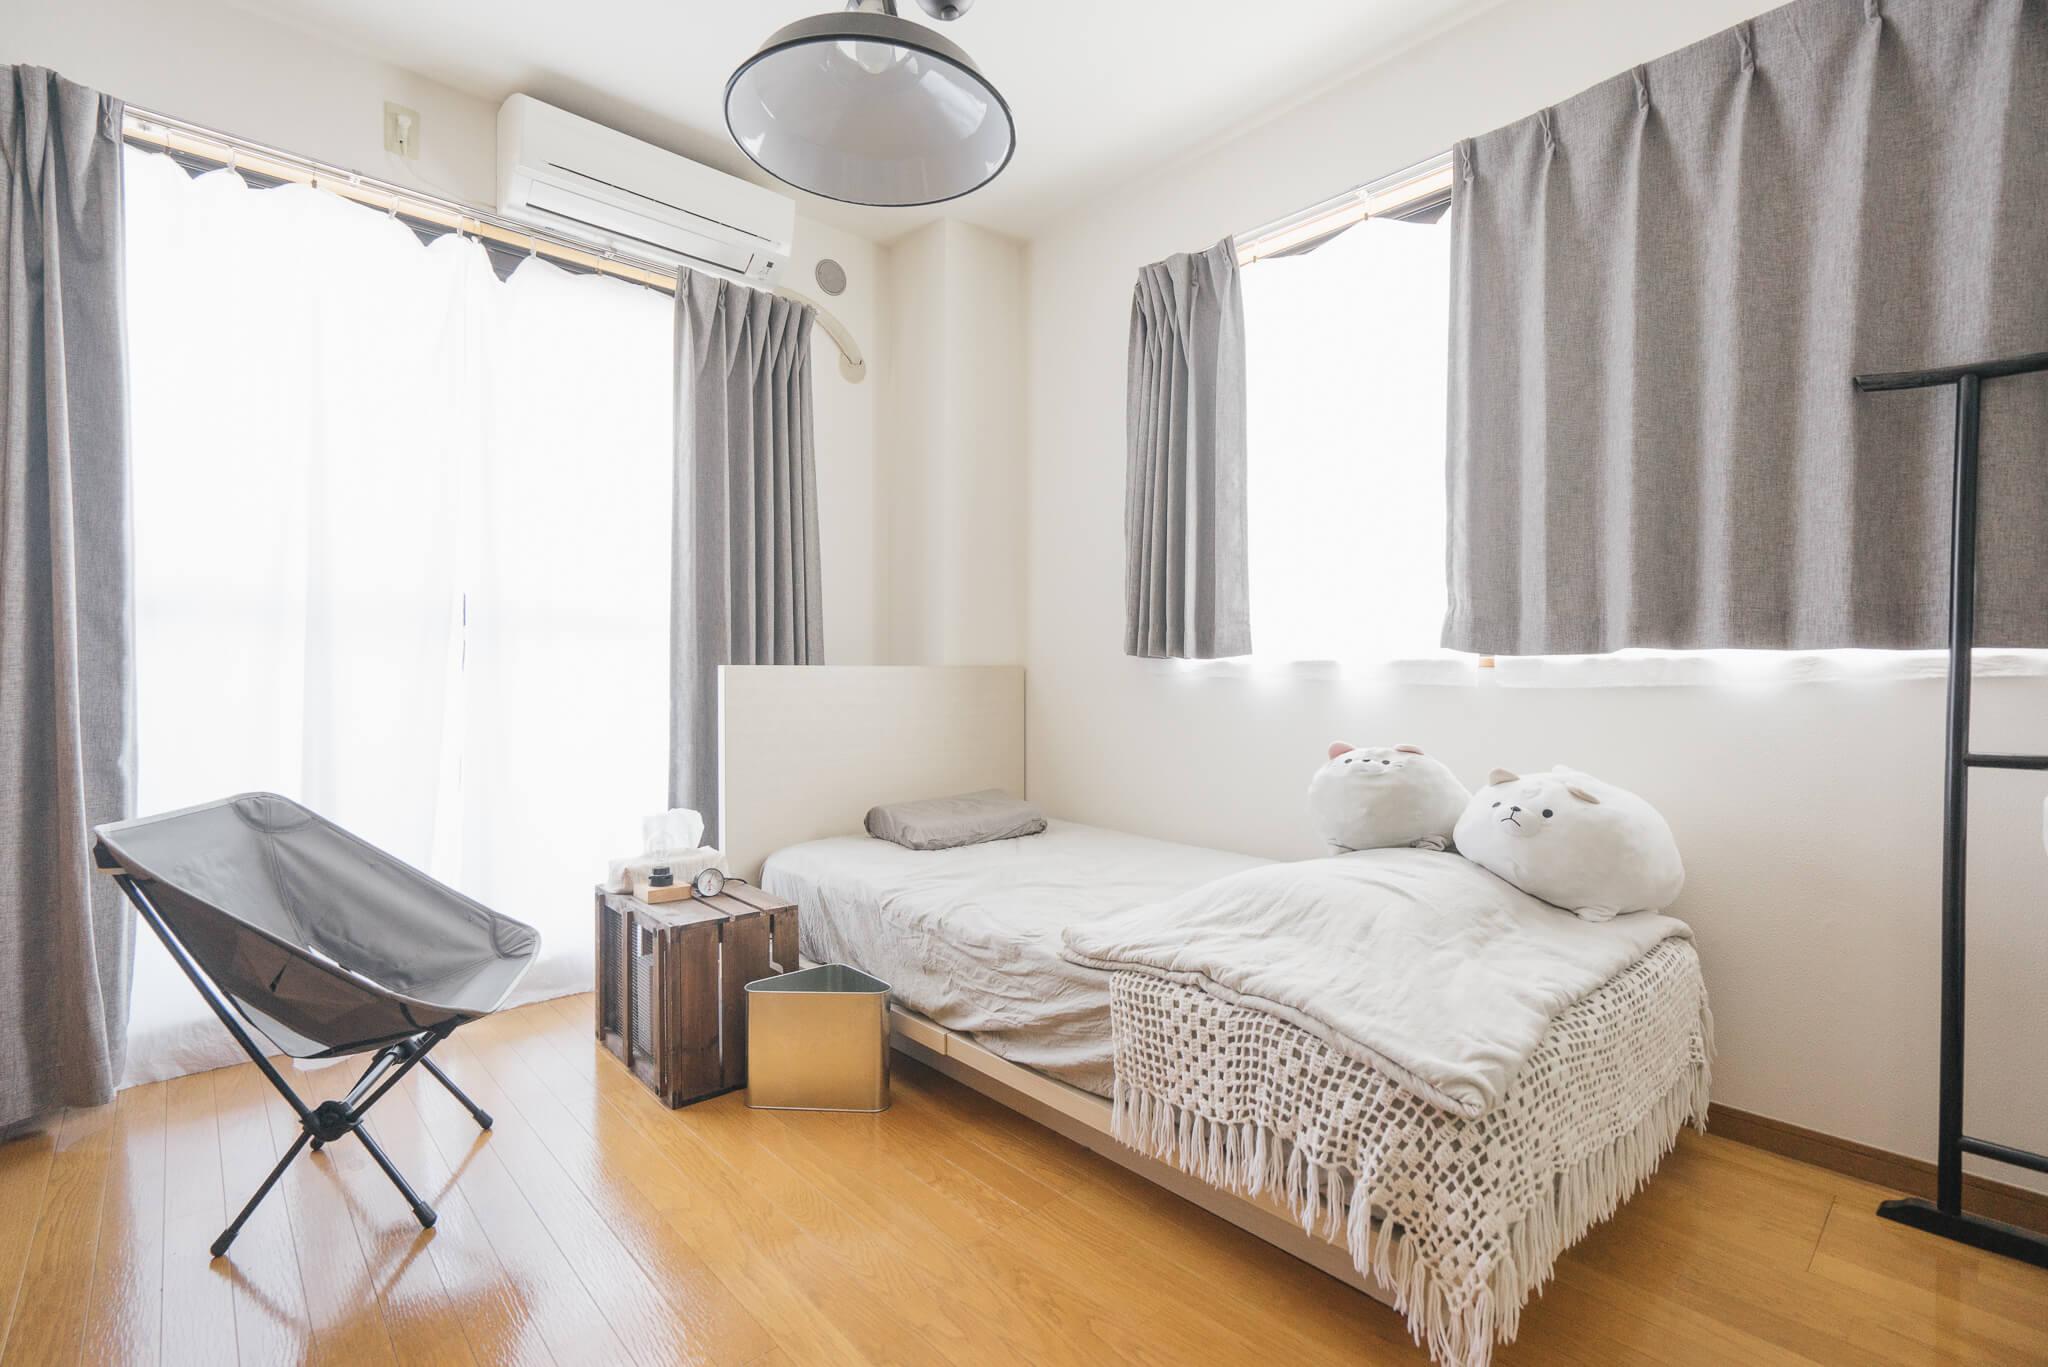 バランスボールを購入したことをきっかけに、移動しやすいようカーペットも断捨離したのだそう。床の面積を広く見せると、部屋も広く見えますね。